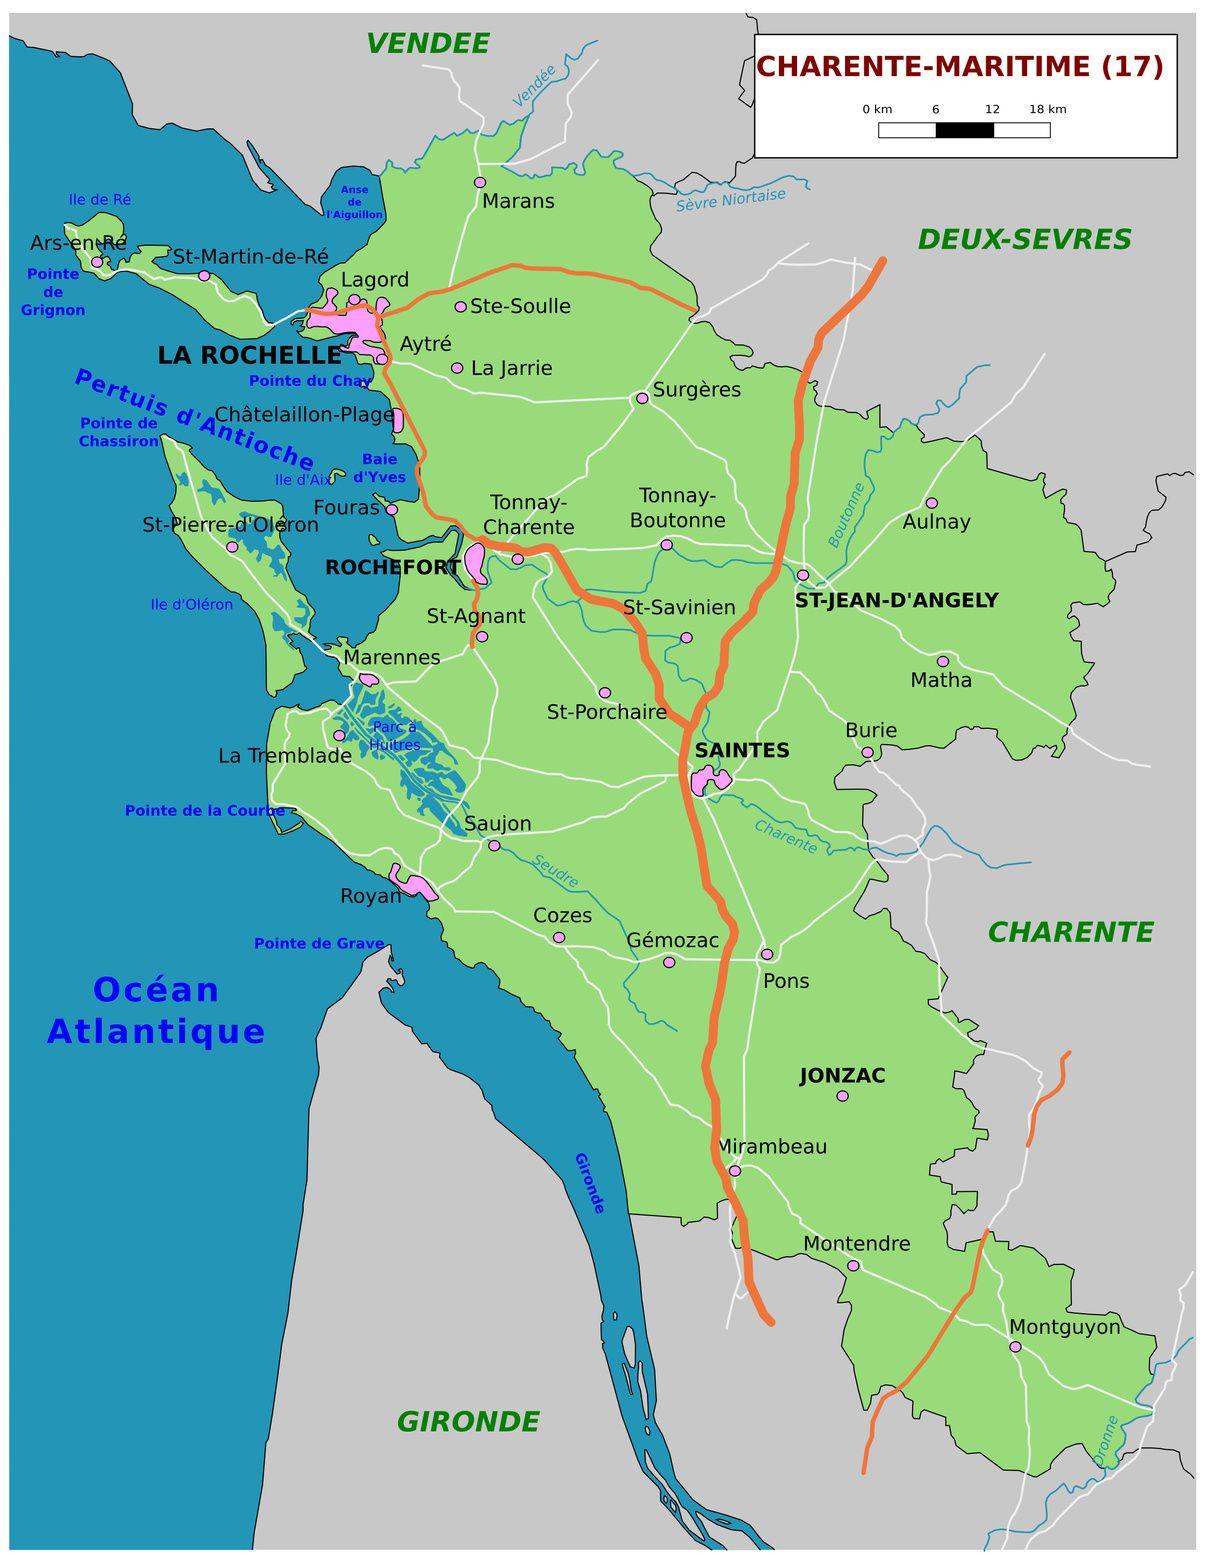 Carte De La Charente-Maritime - Charente-Maritime Carte Des intérieur Carte De France Grande Ville